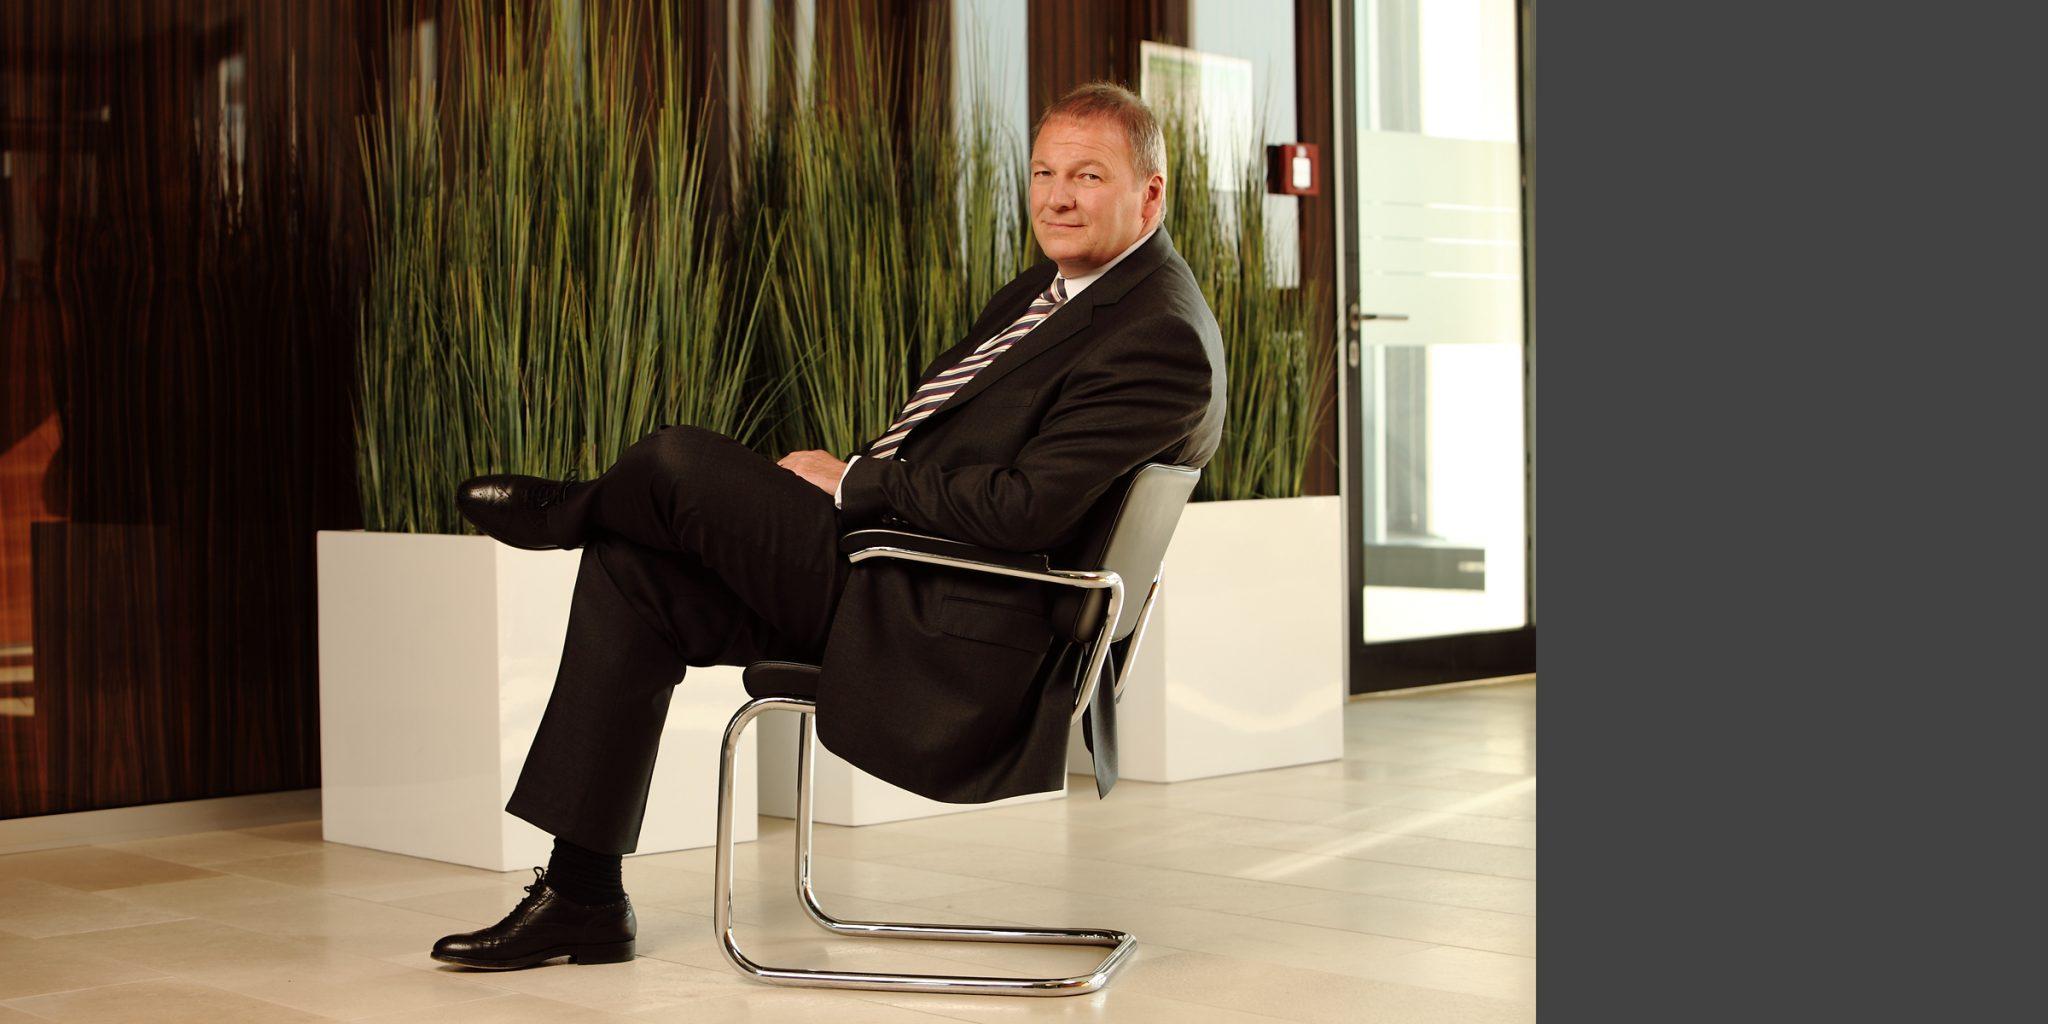 Farbportrait eines Mannes von der Nord/LB Luxemburg im Business-Anzug, der seitlich auf einem Stuhl sitzend, freundlich in die Kamera blickt.